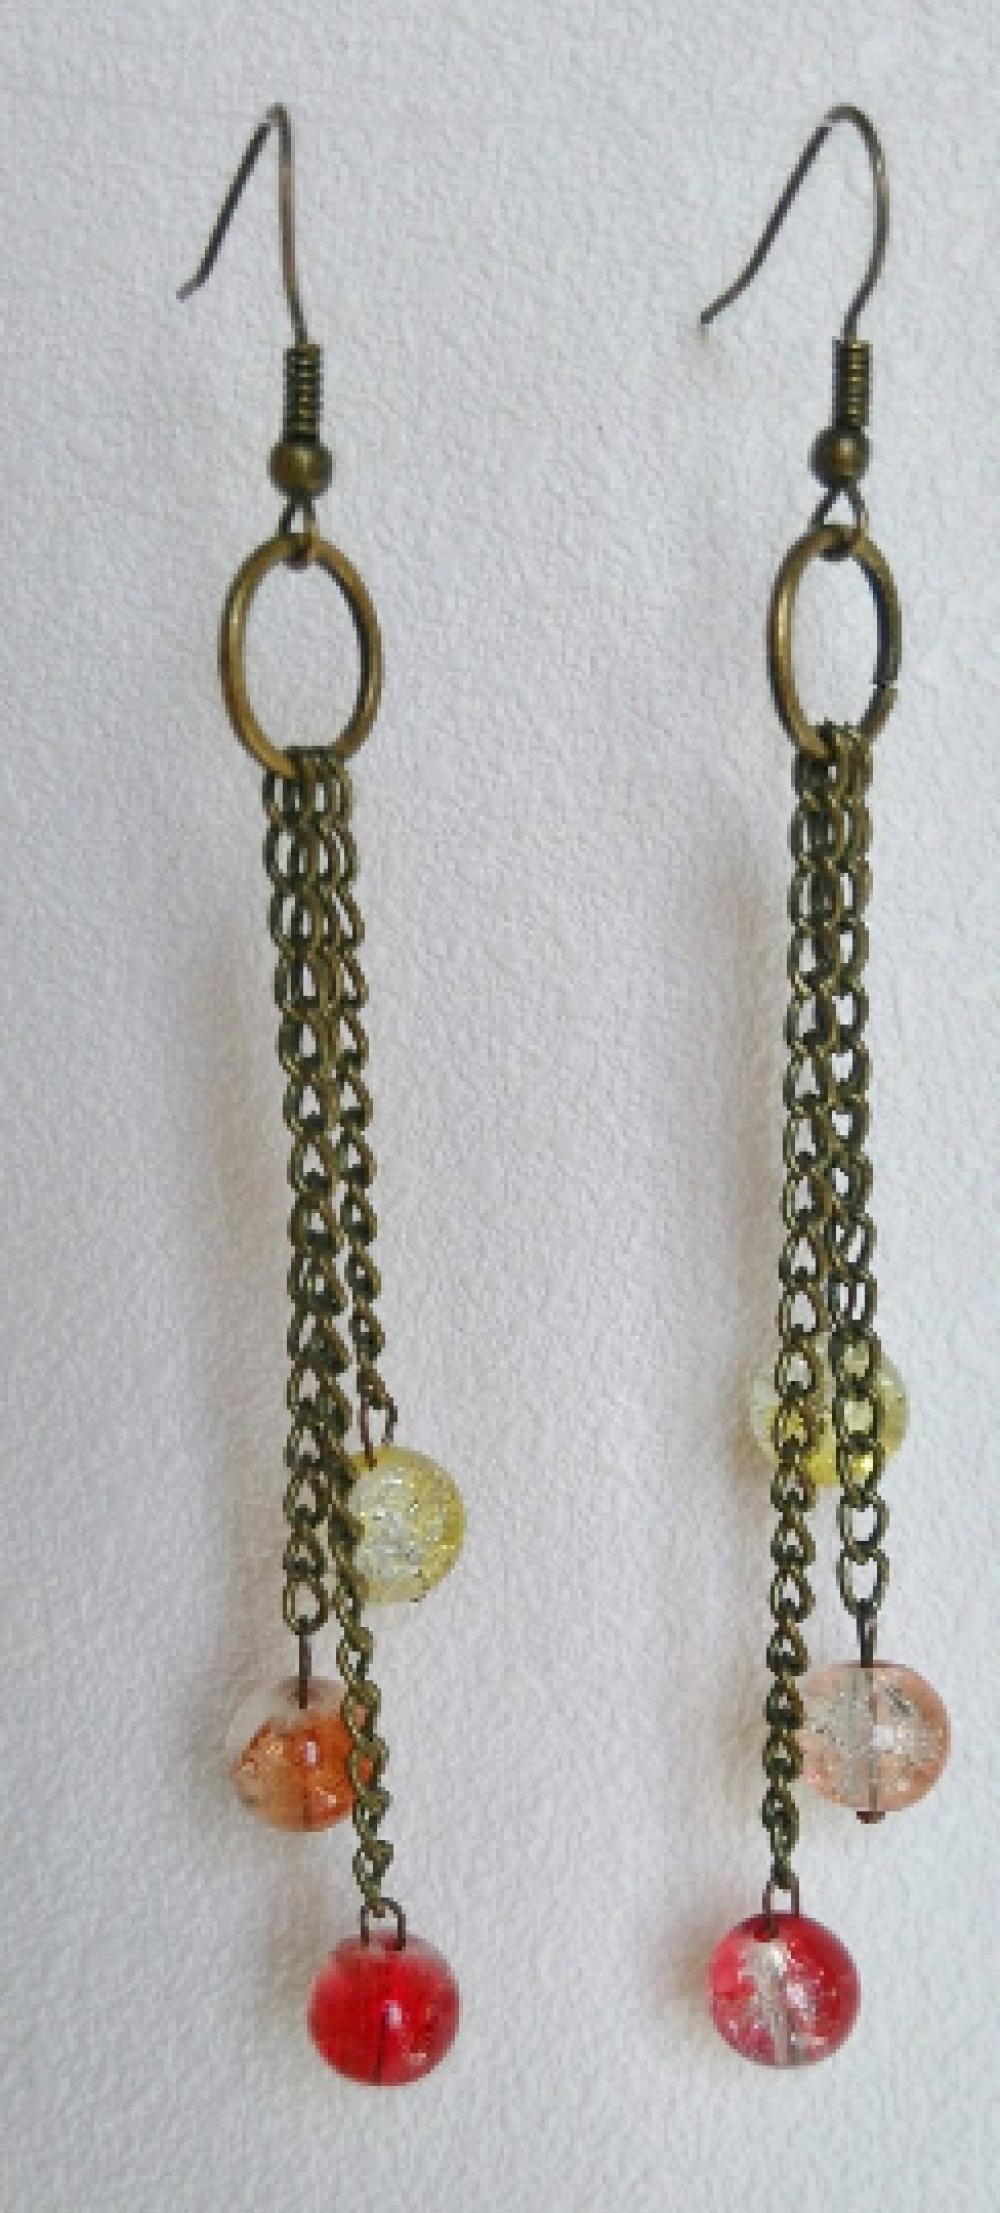 Boucles d'oreille bronze et chainettes avec perles